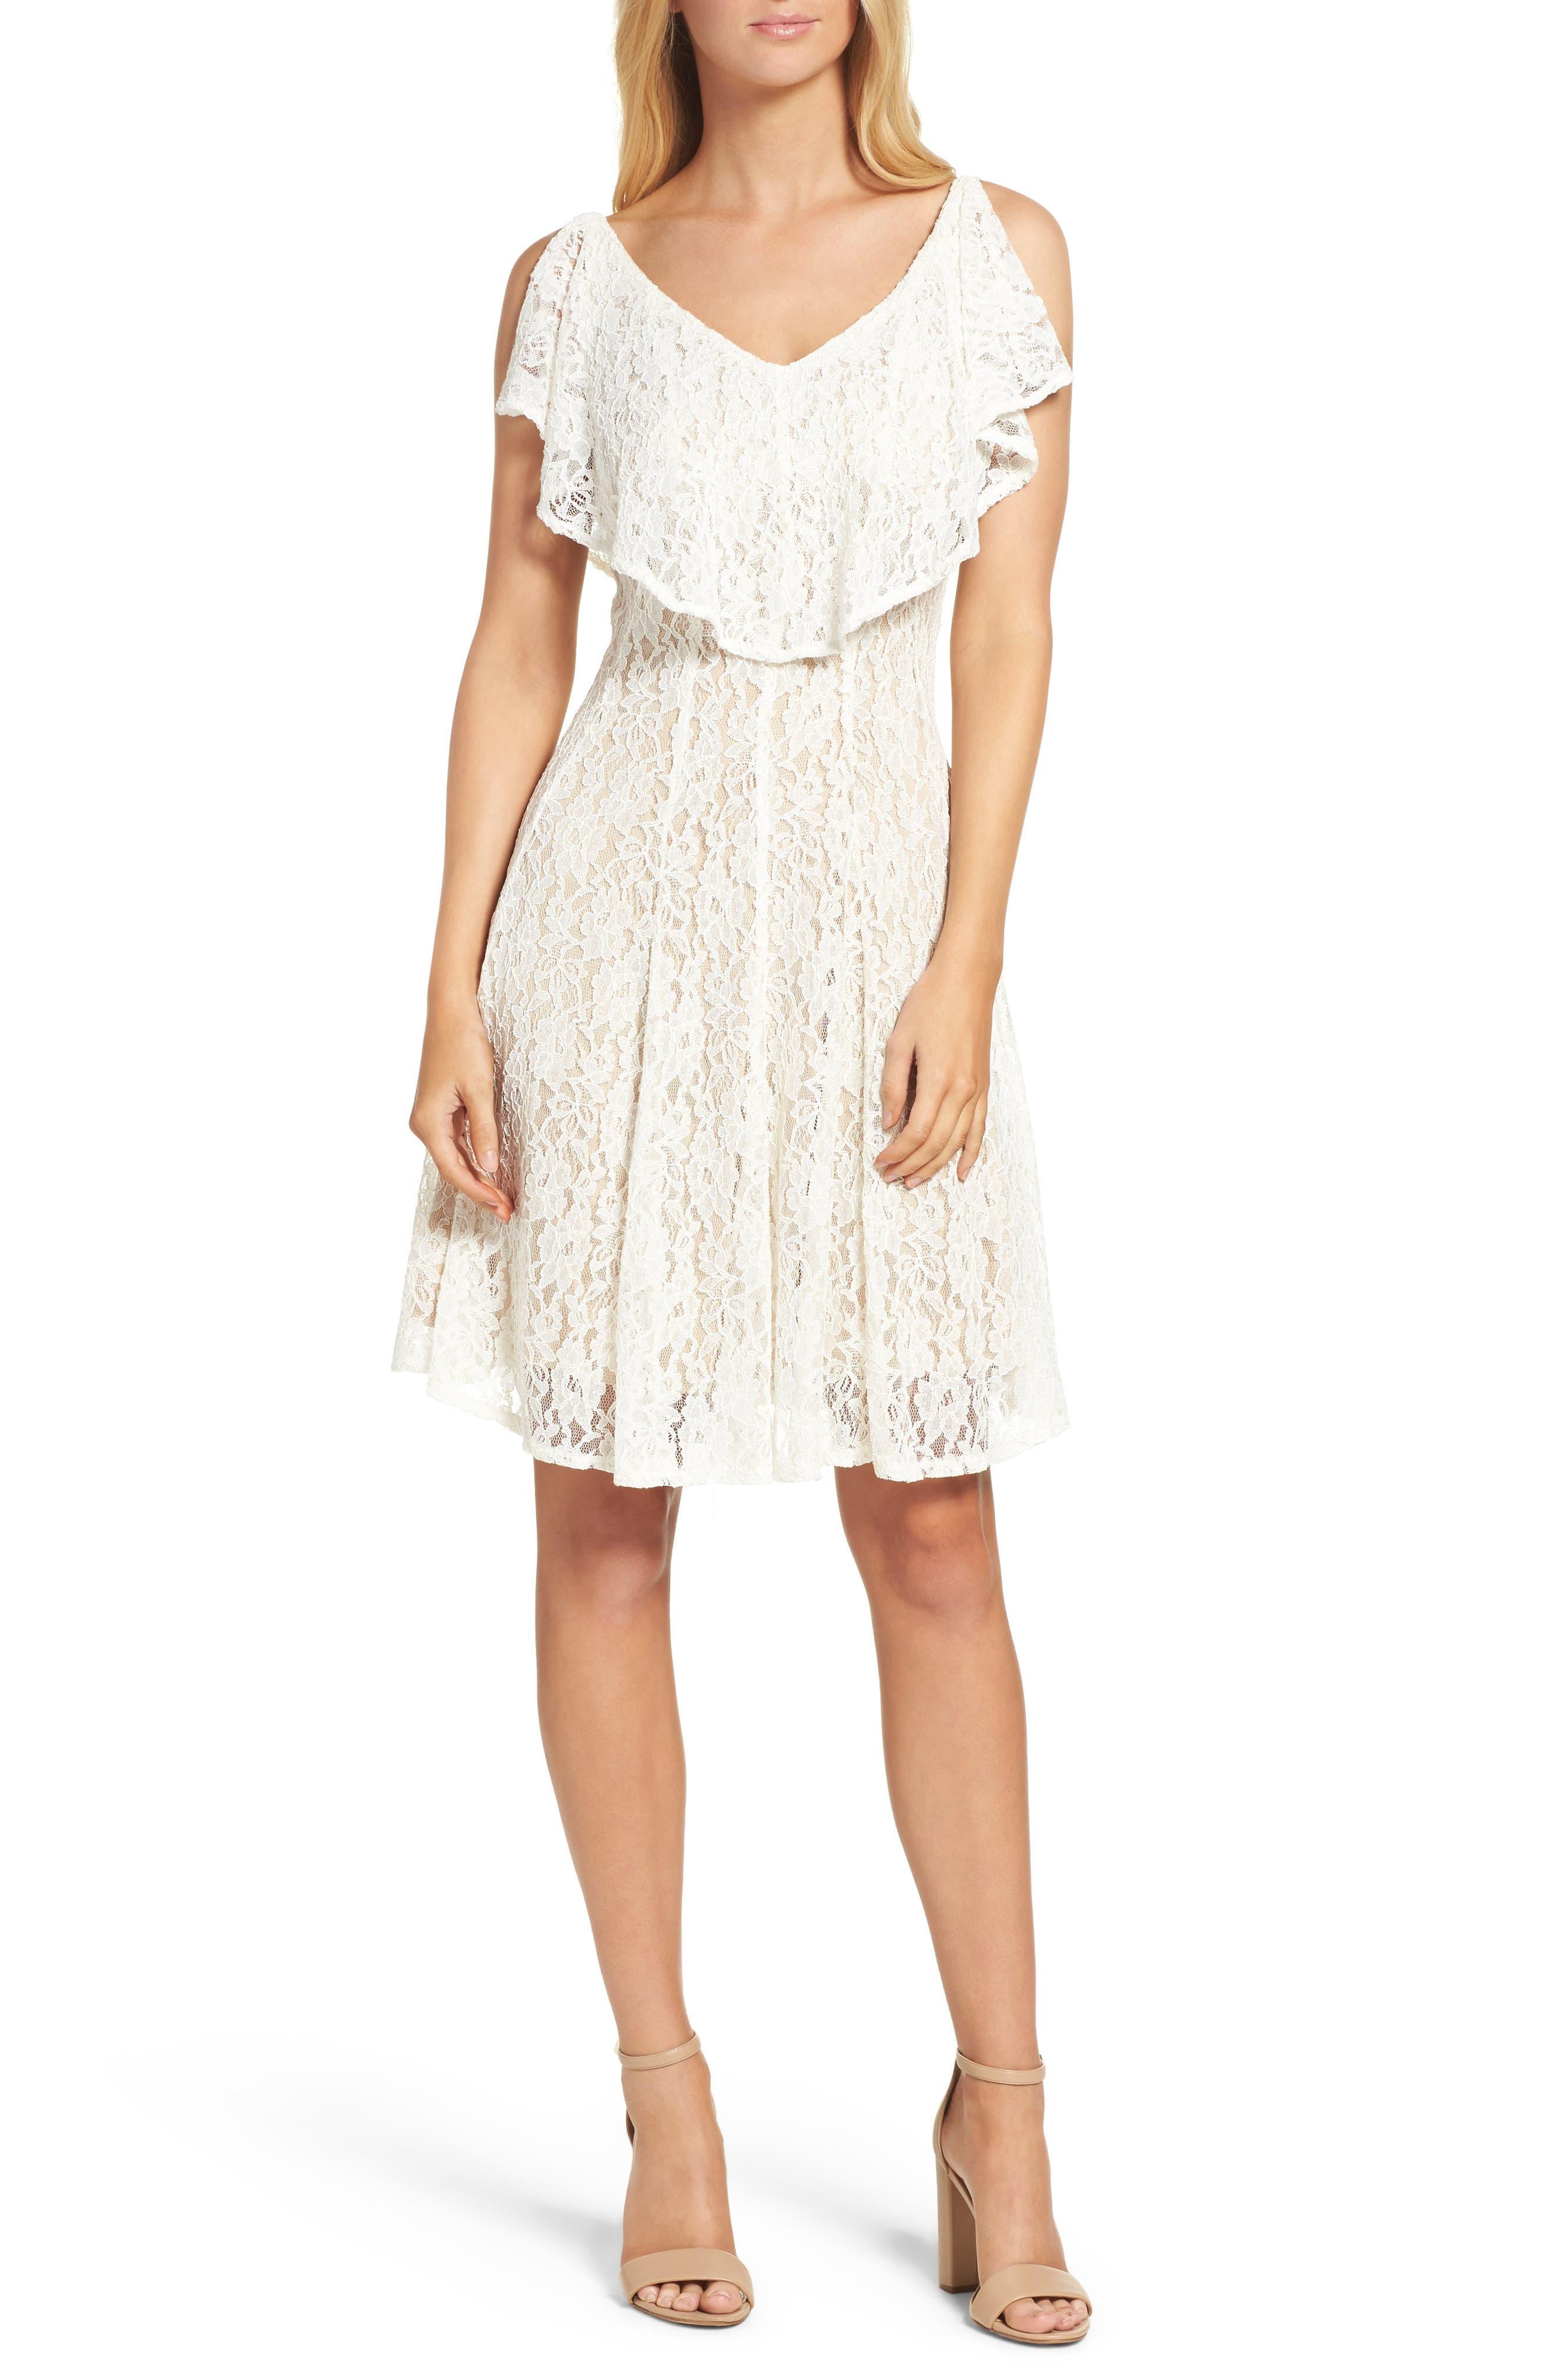 Gabby Skye Lace Popover Dress